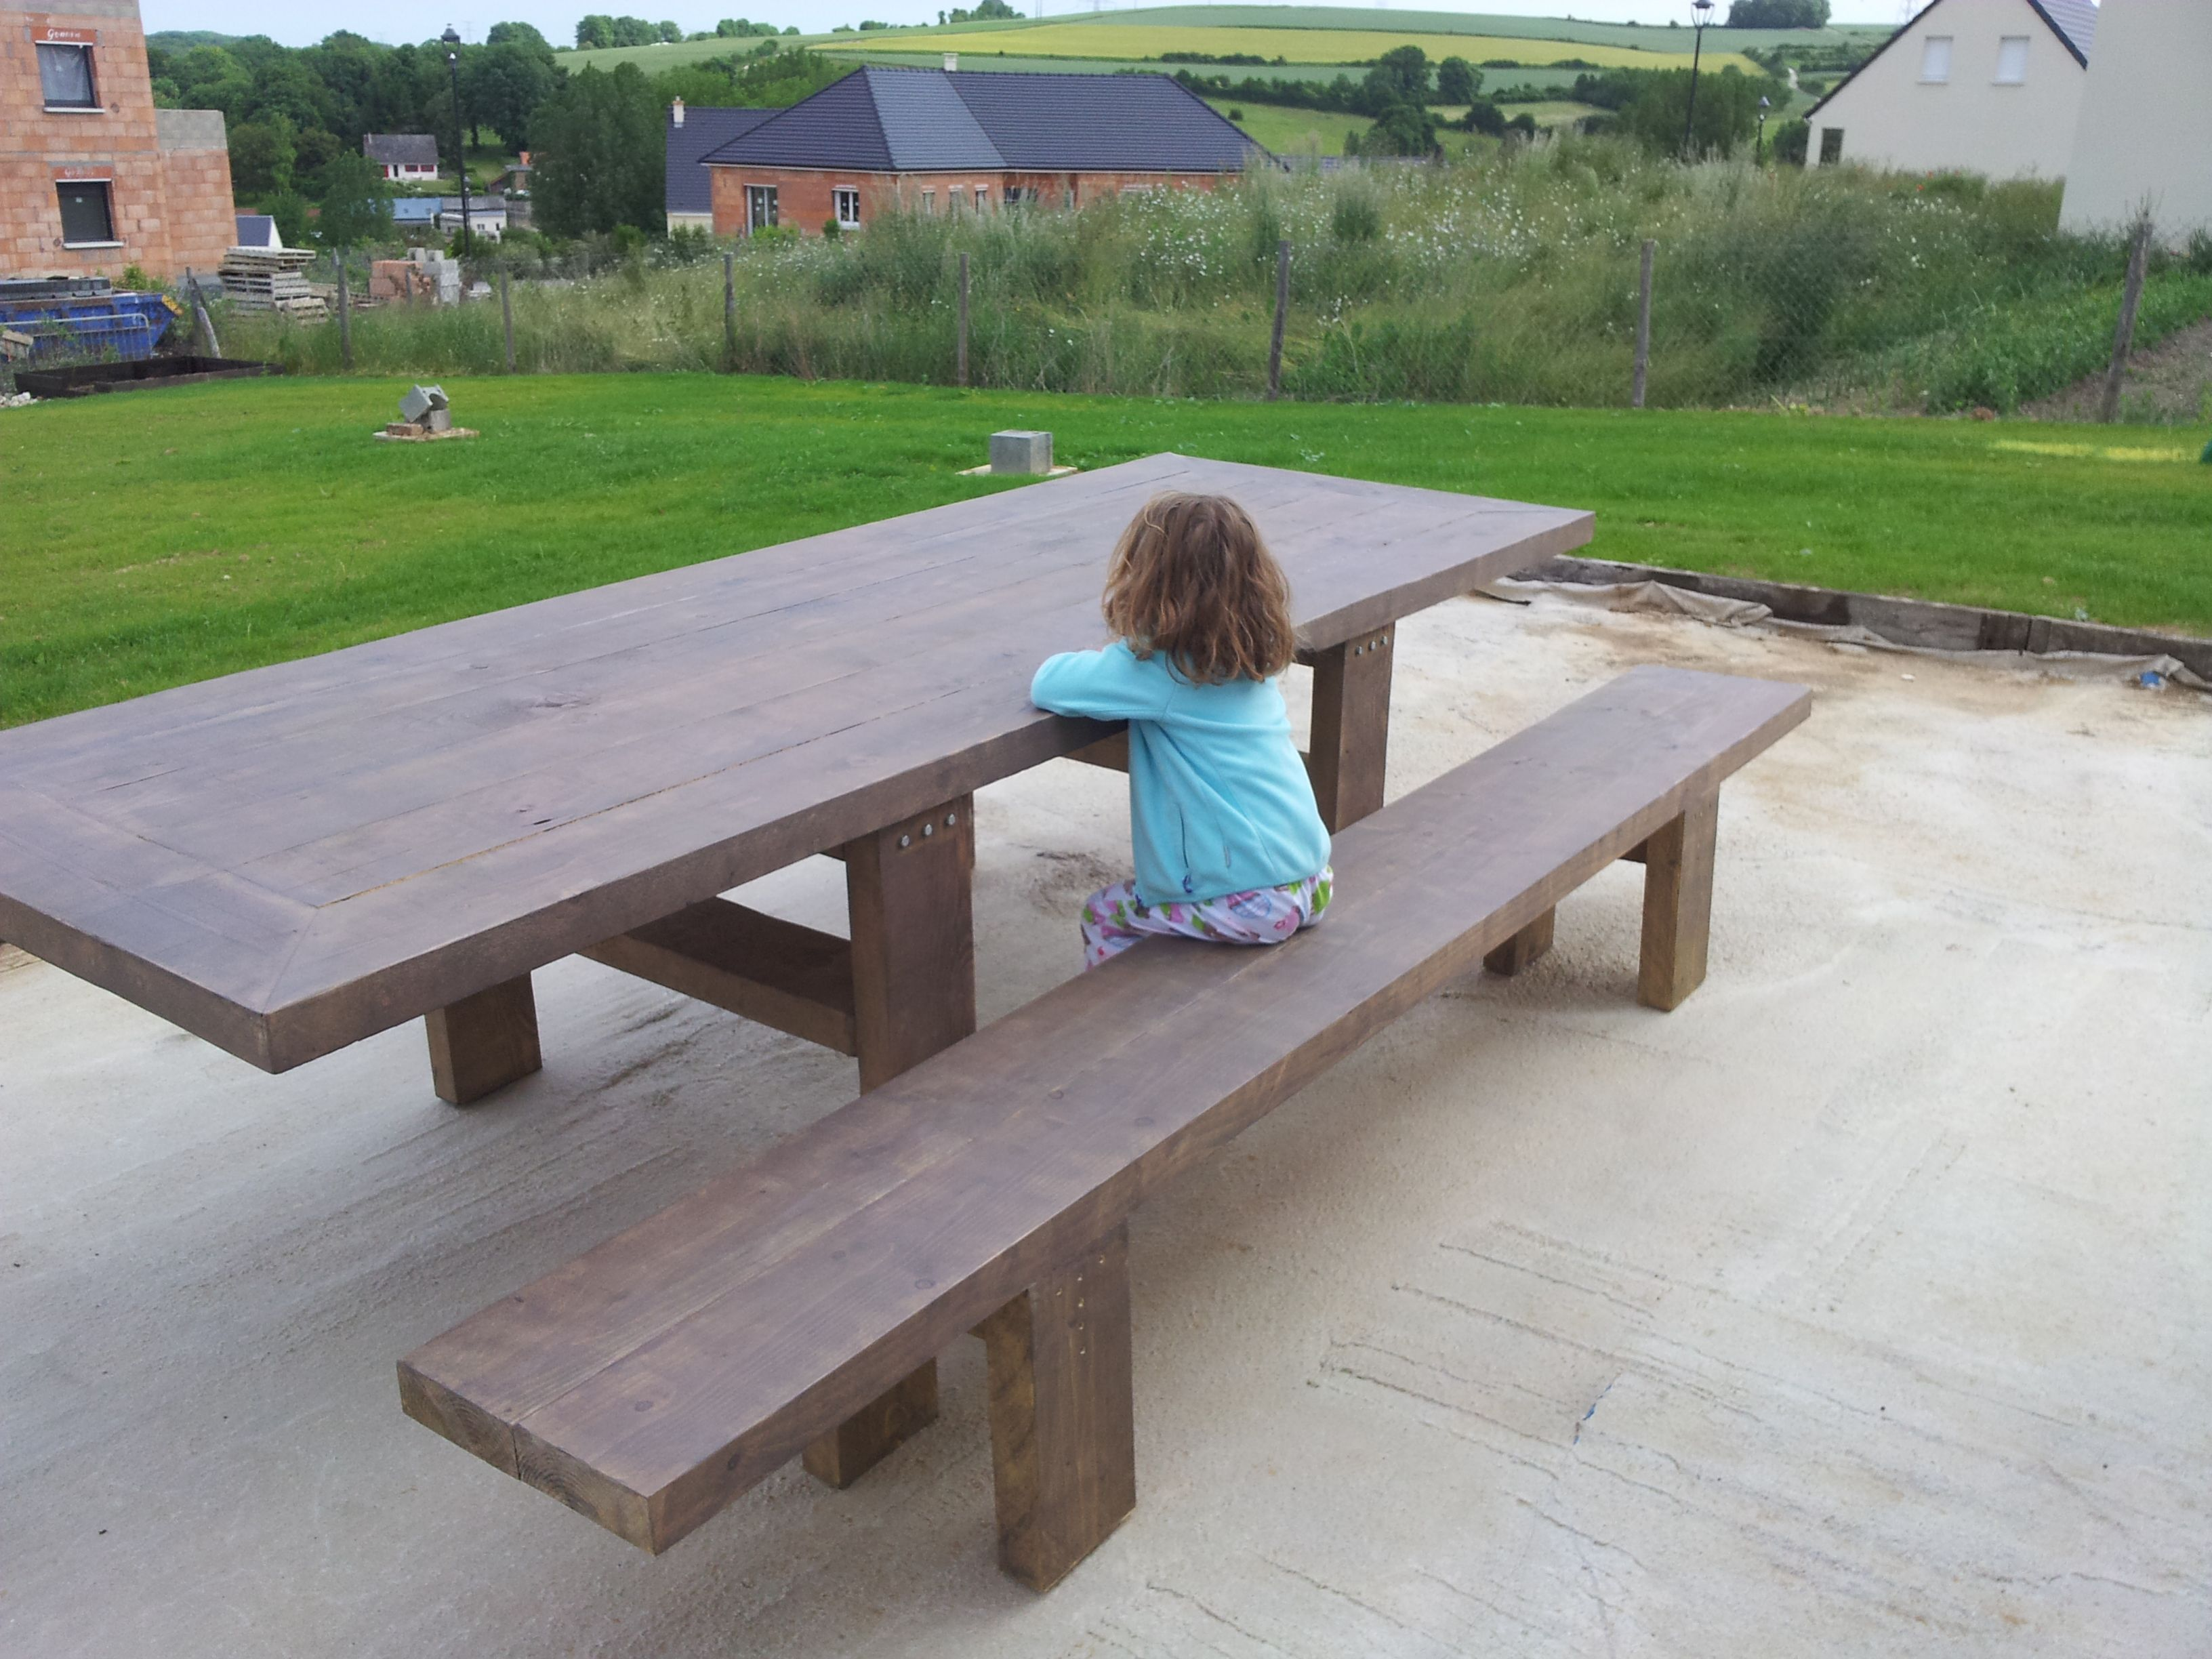 Banc Et Table De Jardin 3m X 1m En Bastaing Instructions  # Je Fabrique Ma Table De Jardin